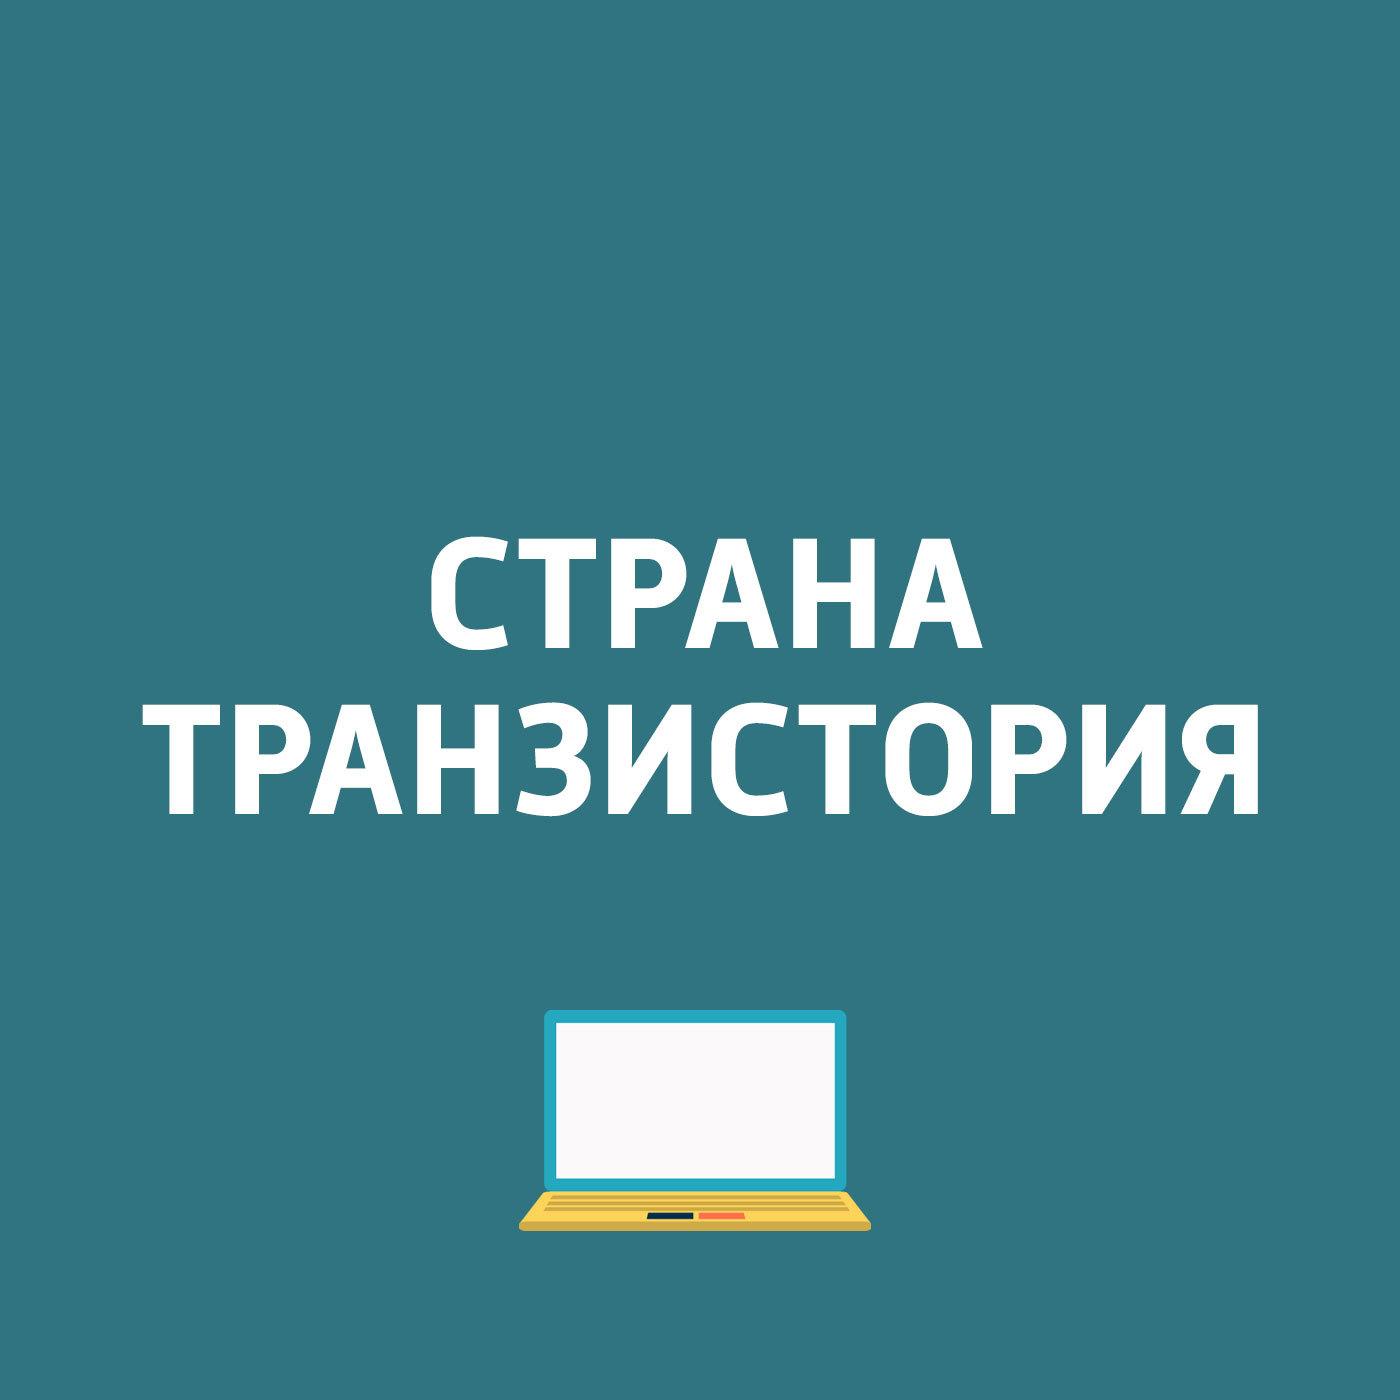 Картаев Павел Vivo представила смартфон Vivo Z1; Роскомнадзор направил компании Apple письмо; SelfieToPay для оплаты покупок картаев павел презентация смартфона vivo nex обновлённые правила публикации приложений в app store